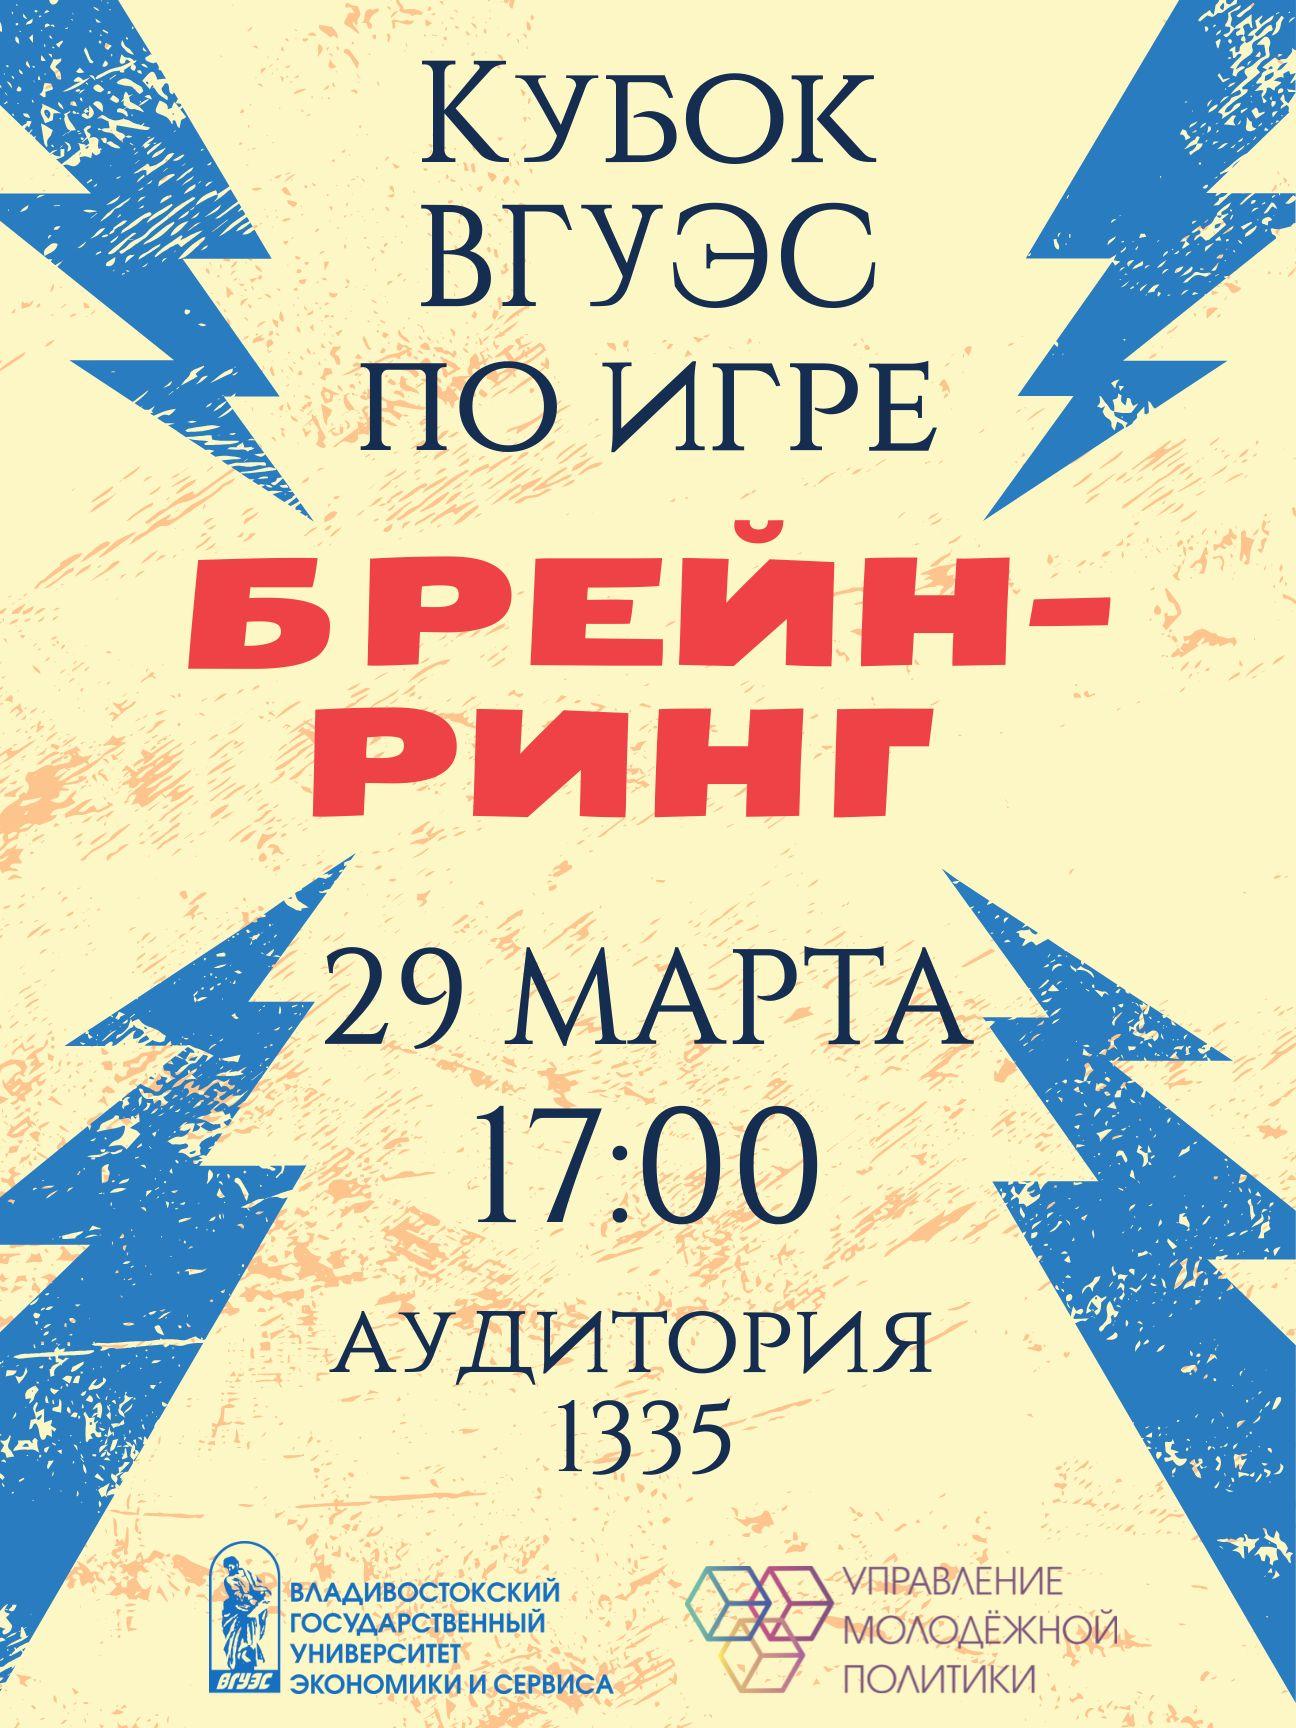 Кубок ВГУЭС по интеллектуальной игре «Брейн-ринг»